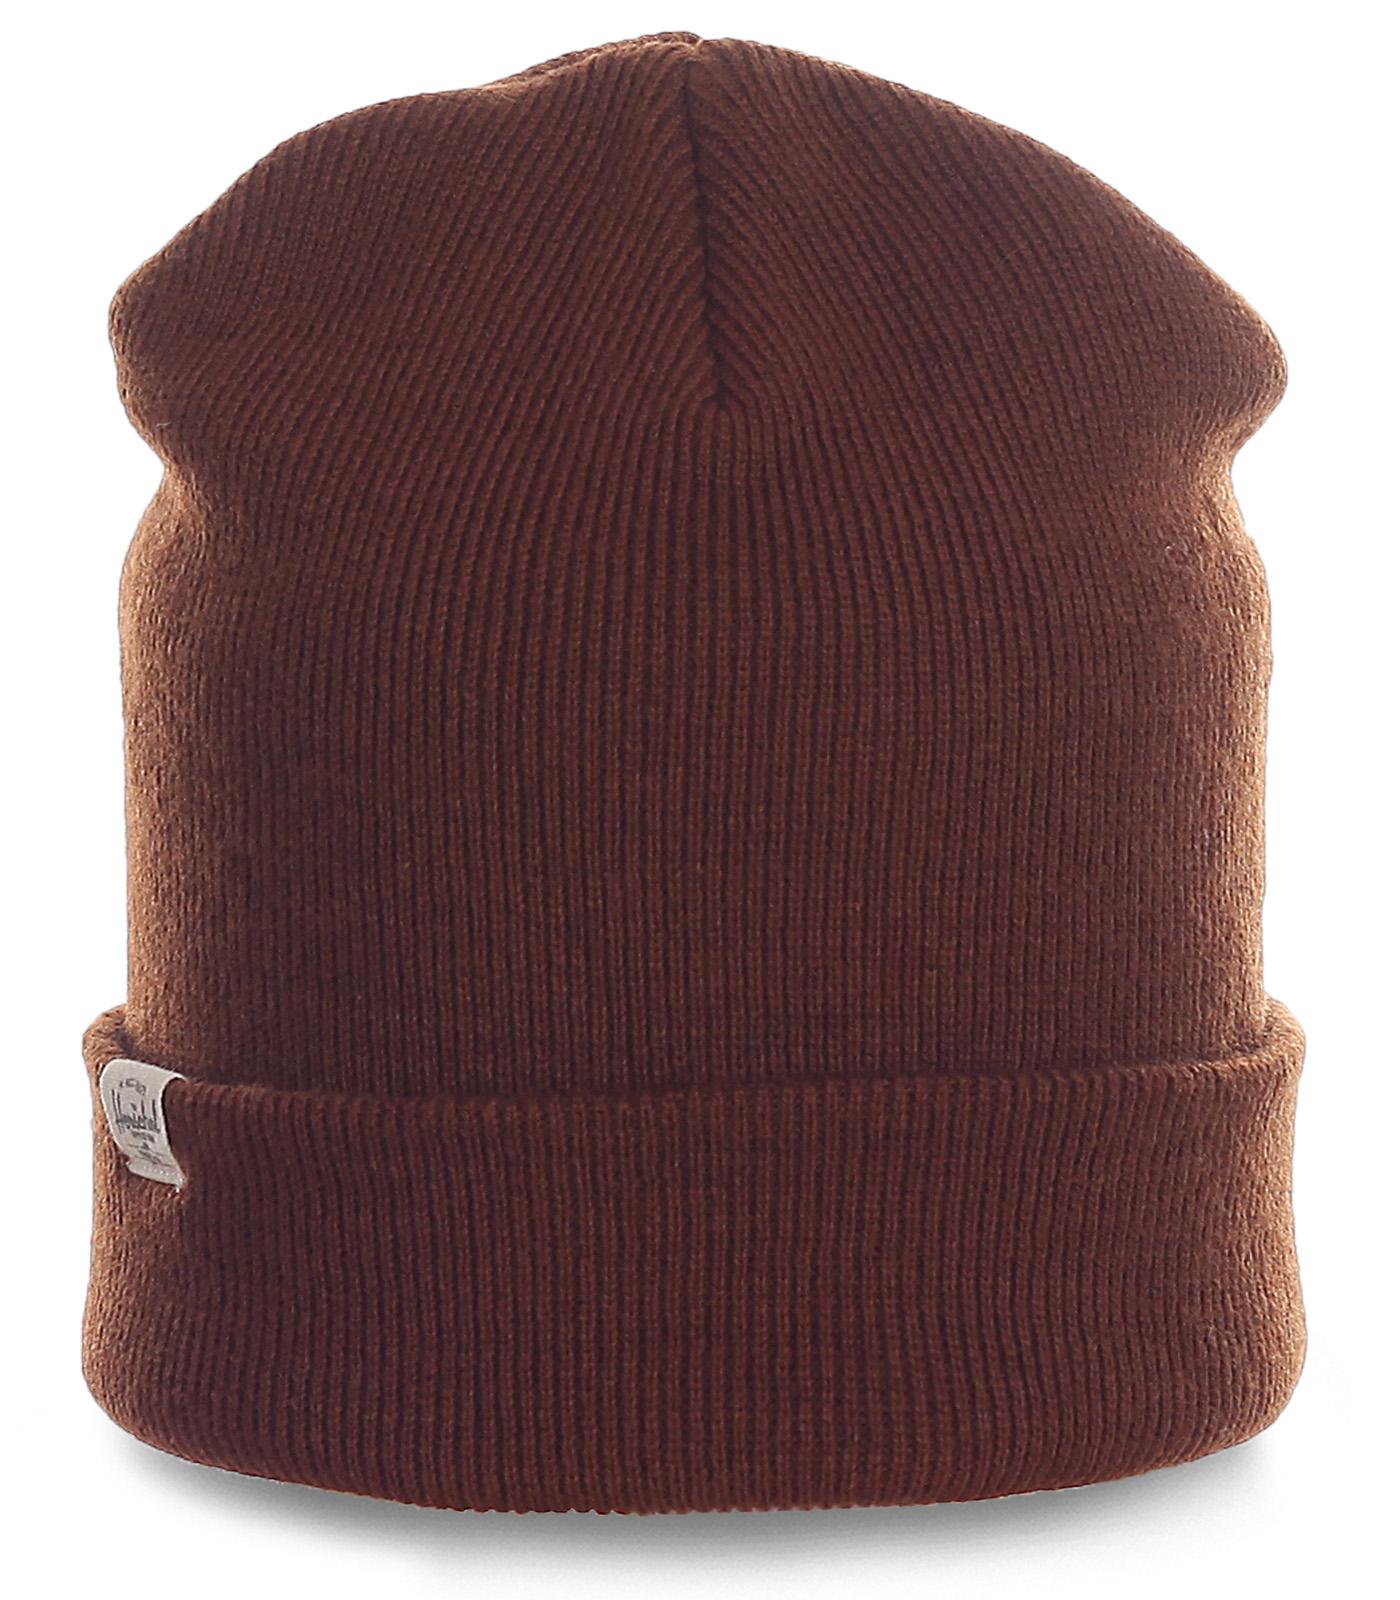 Фирменная мужская шапка Herschel кофейного цвета. Практичная модель на все случаи жизни